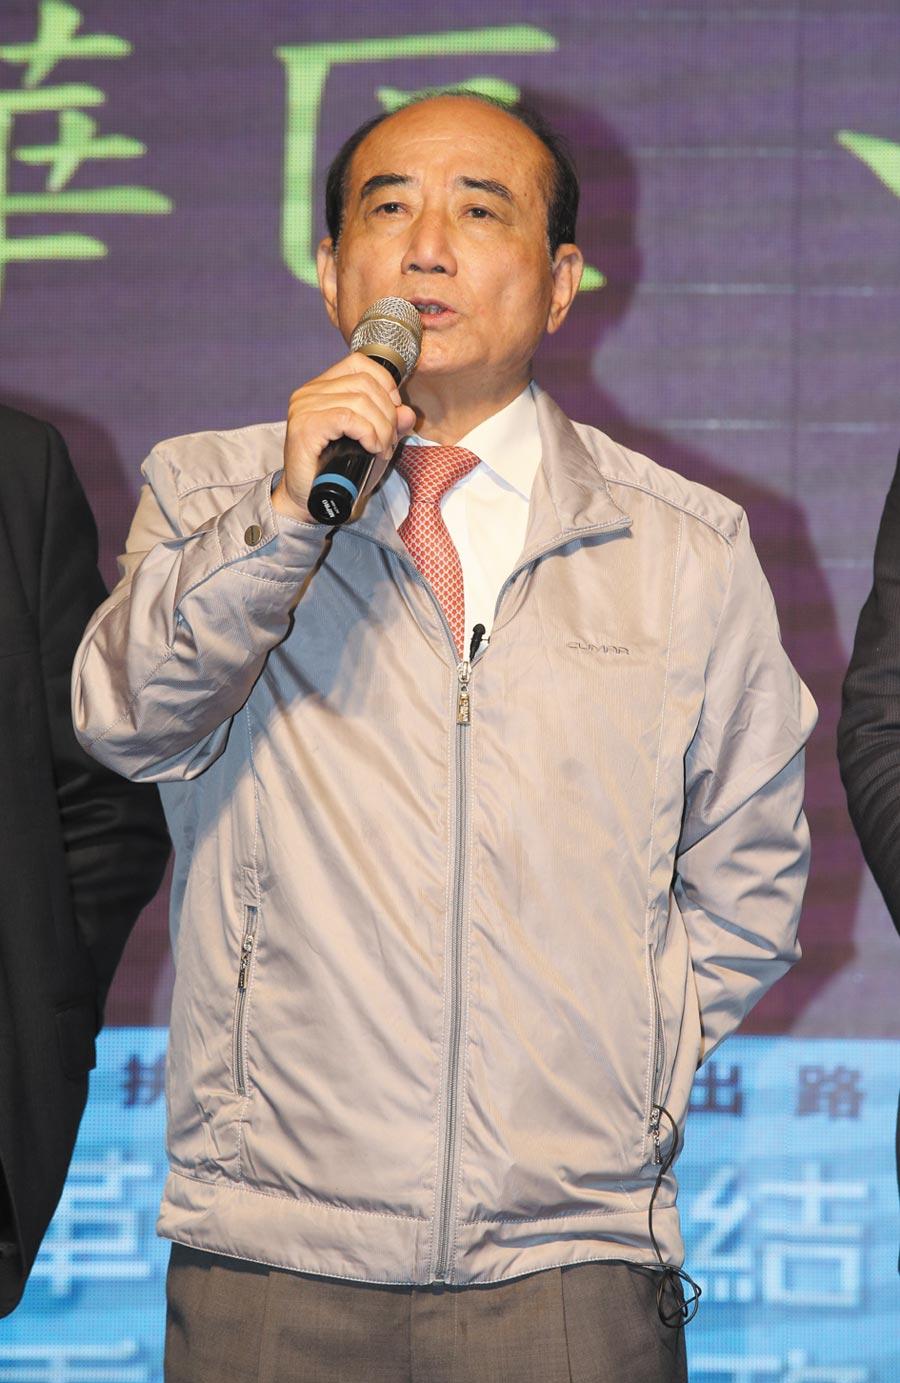 國民黨整合黨內力量挺韓,高雄副市長李四川上月已拜會前立法院長王金平,兩人相談甚歡。(本報資料照片)